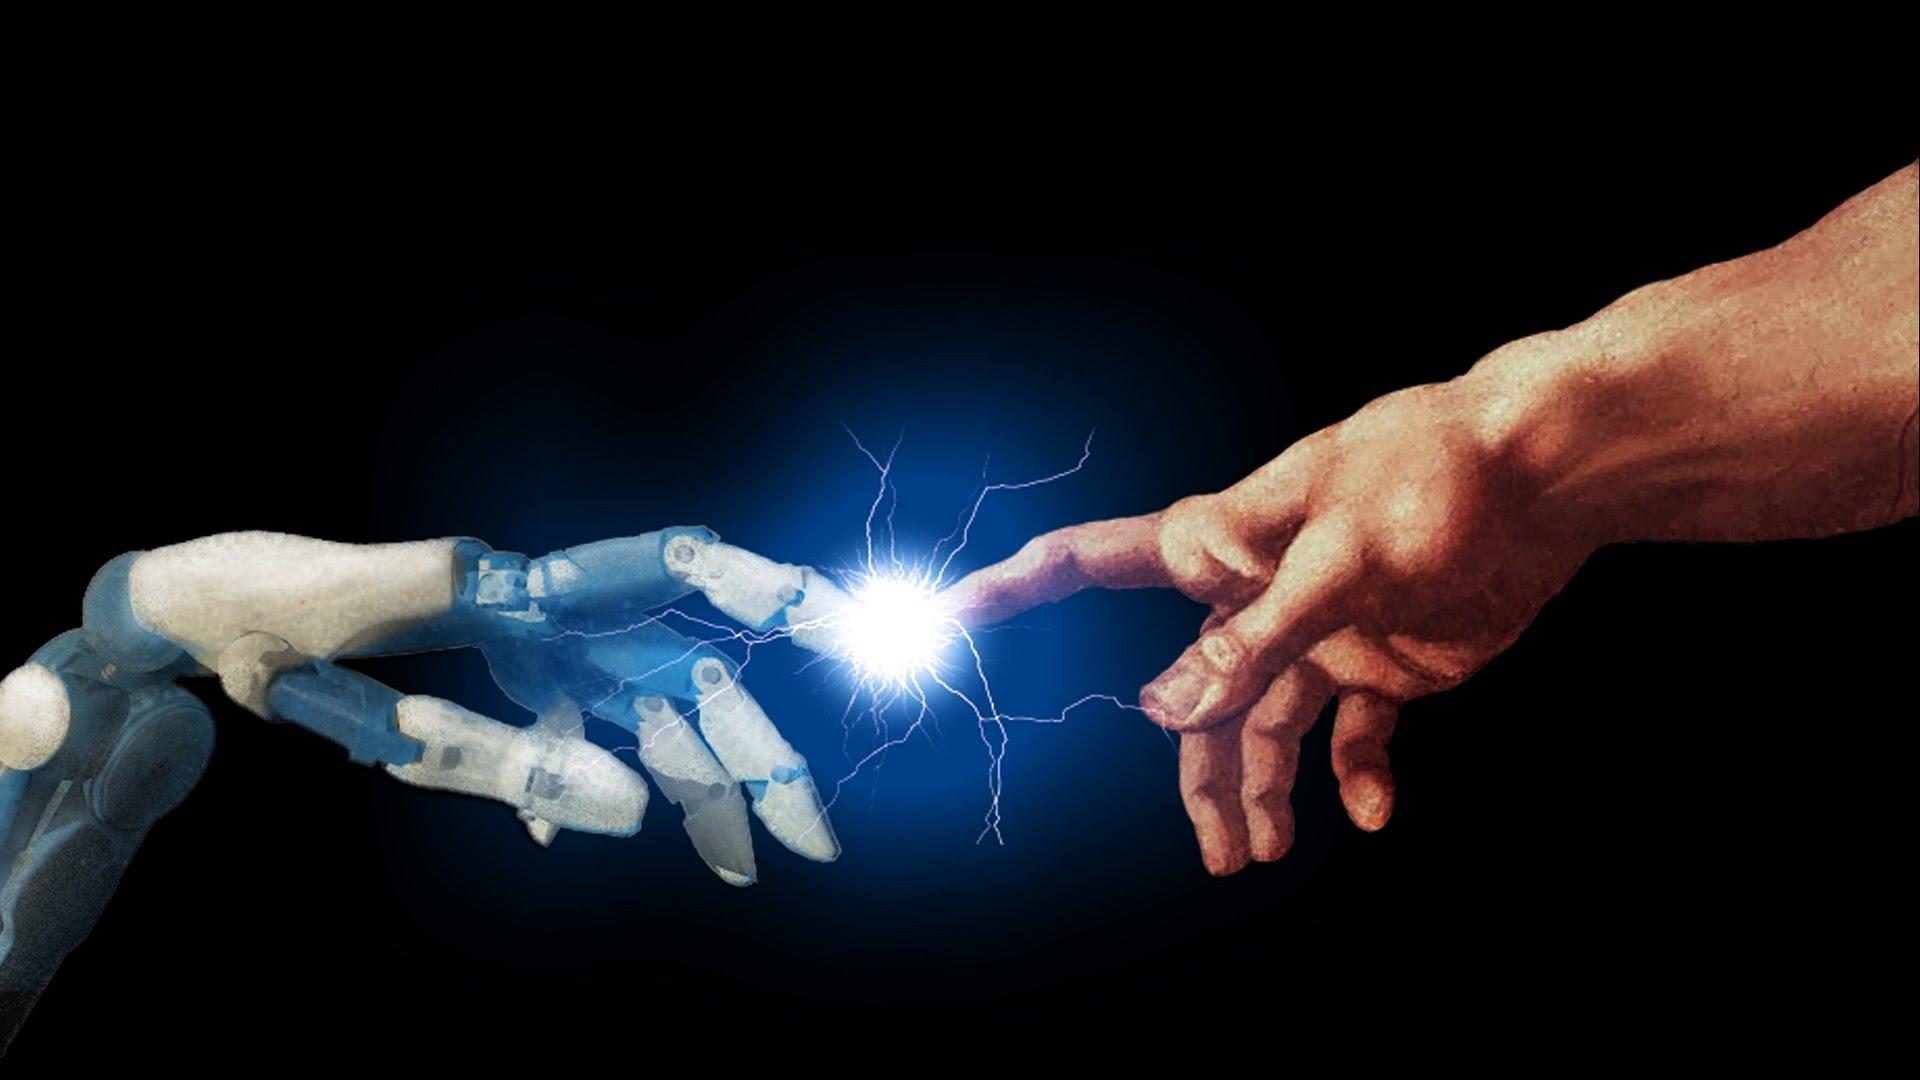 Instituições financeiras tradicionais usando inteligência artificial?